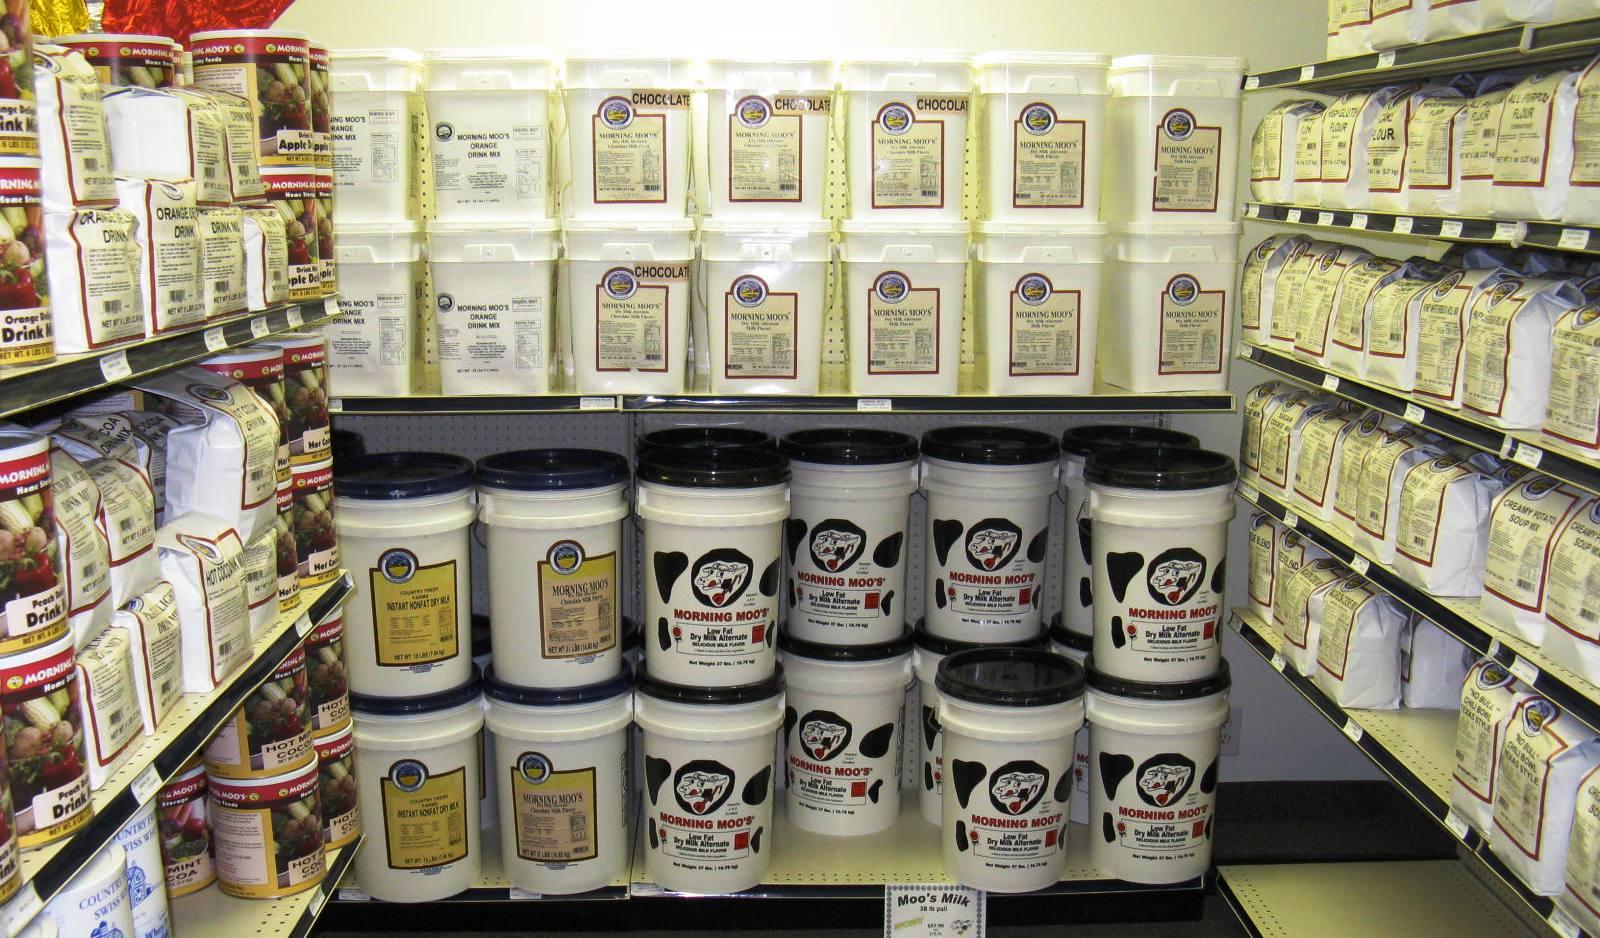 shelves20stocked20on20store